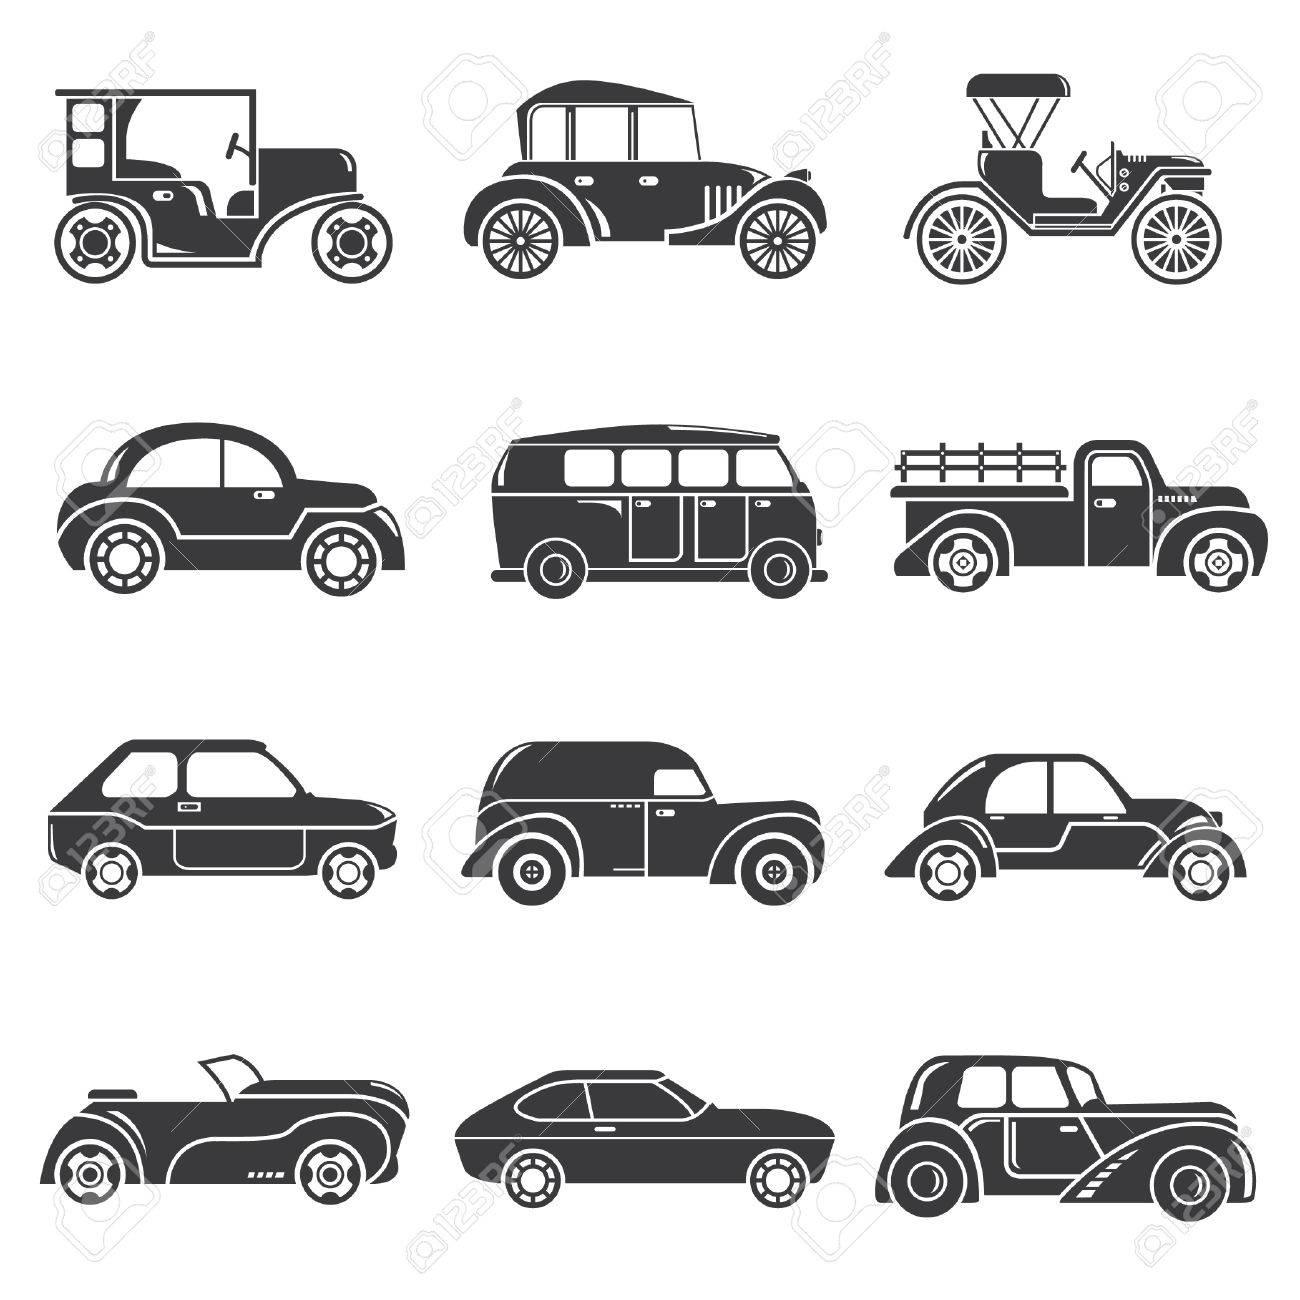 古典的な車クラシックカー アイコンのイラスト素材ベクタ Image